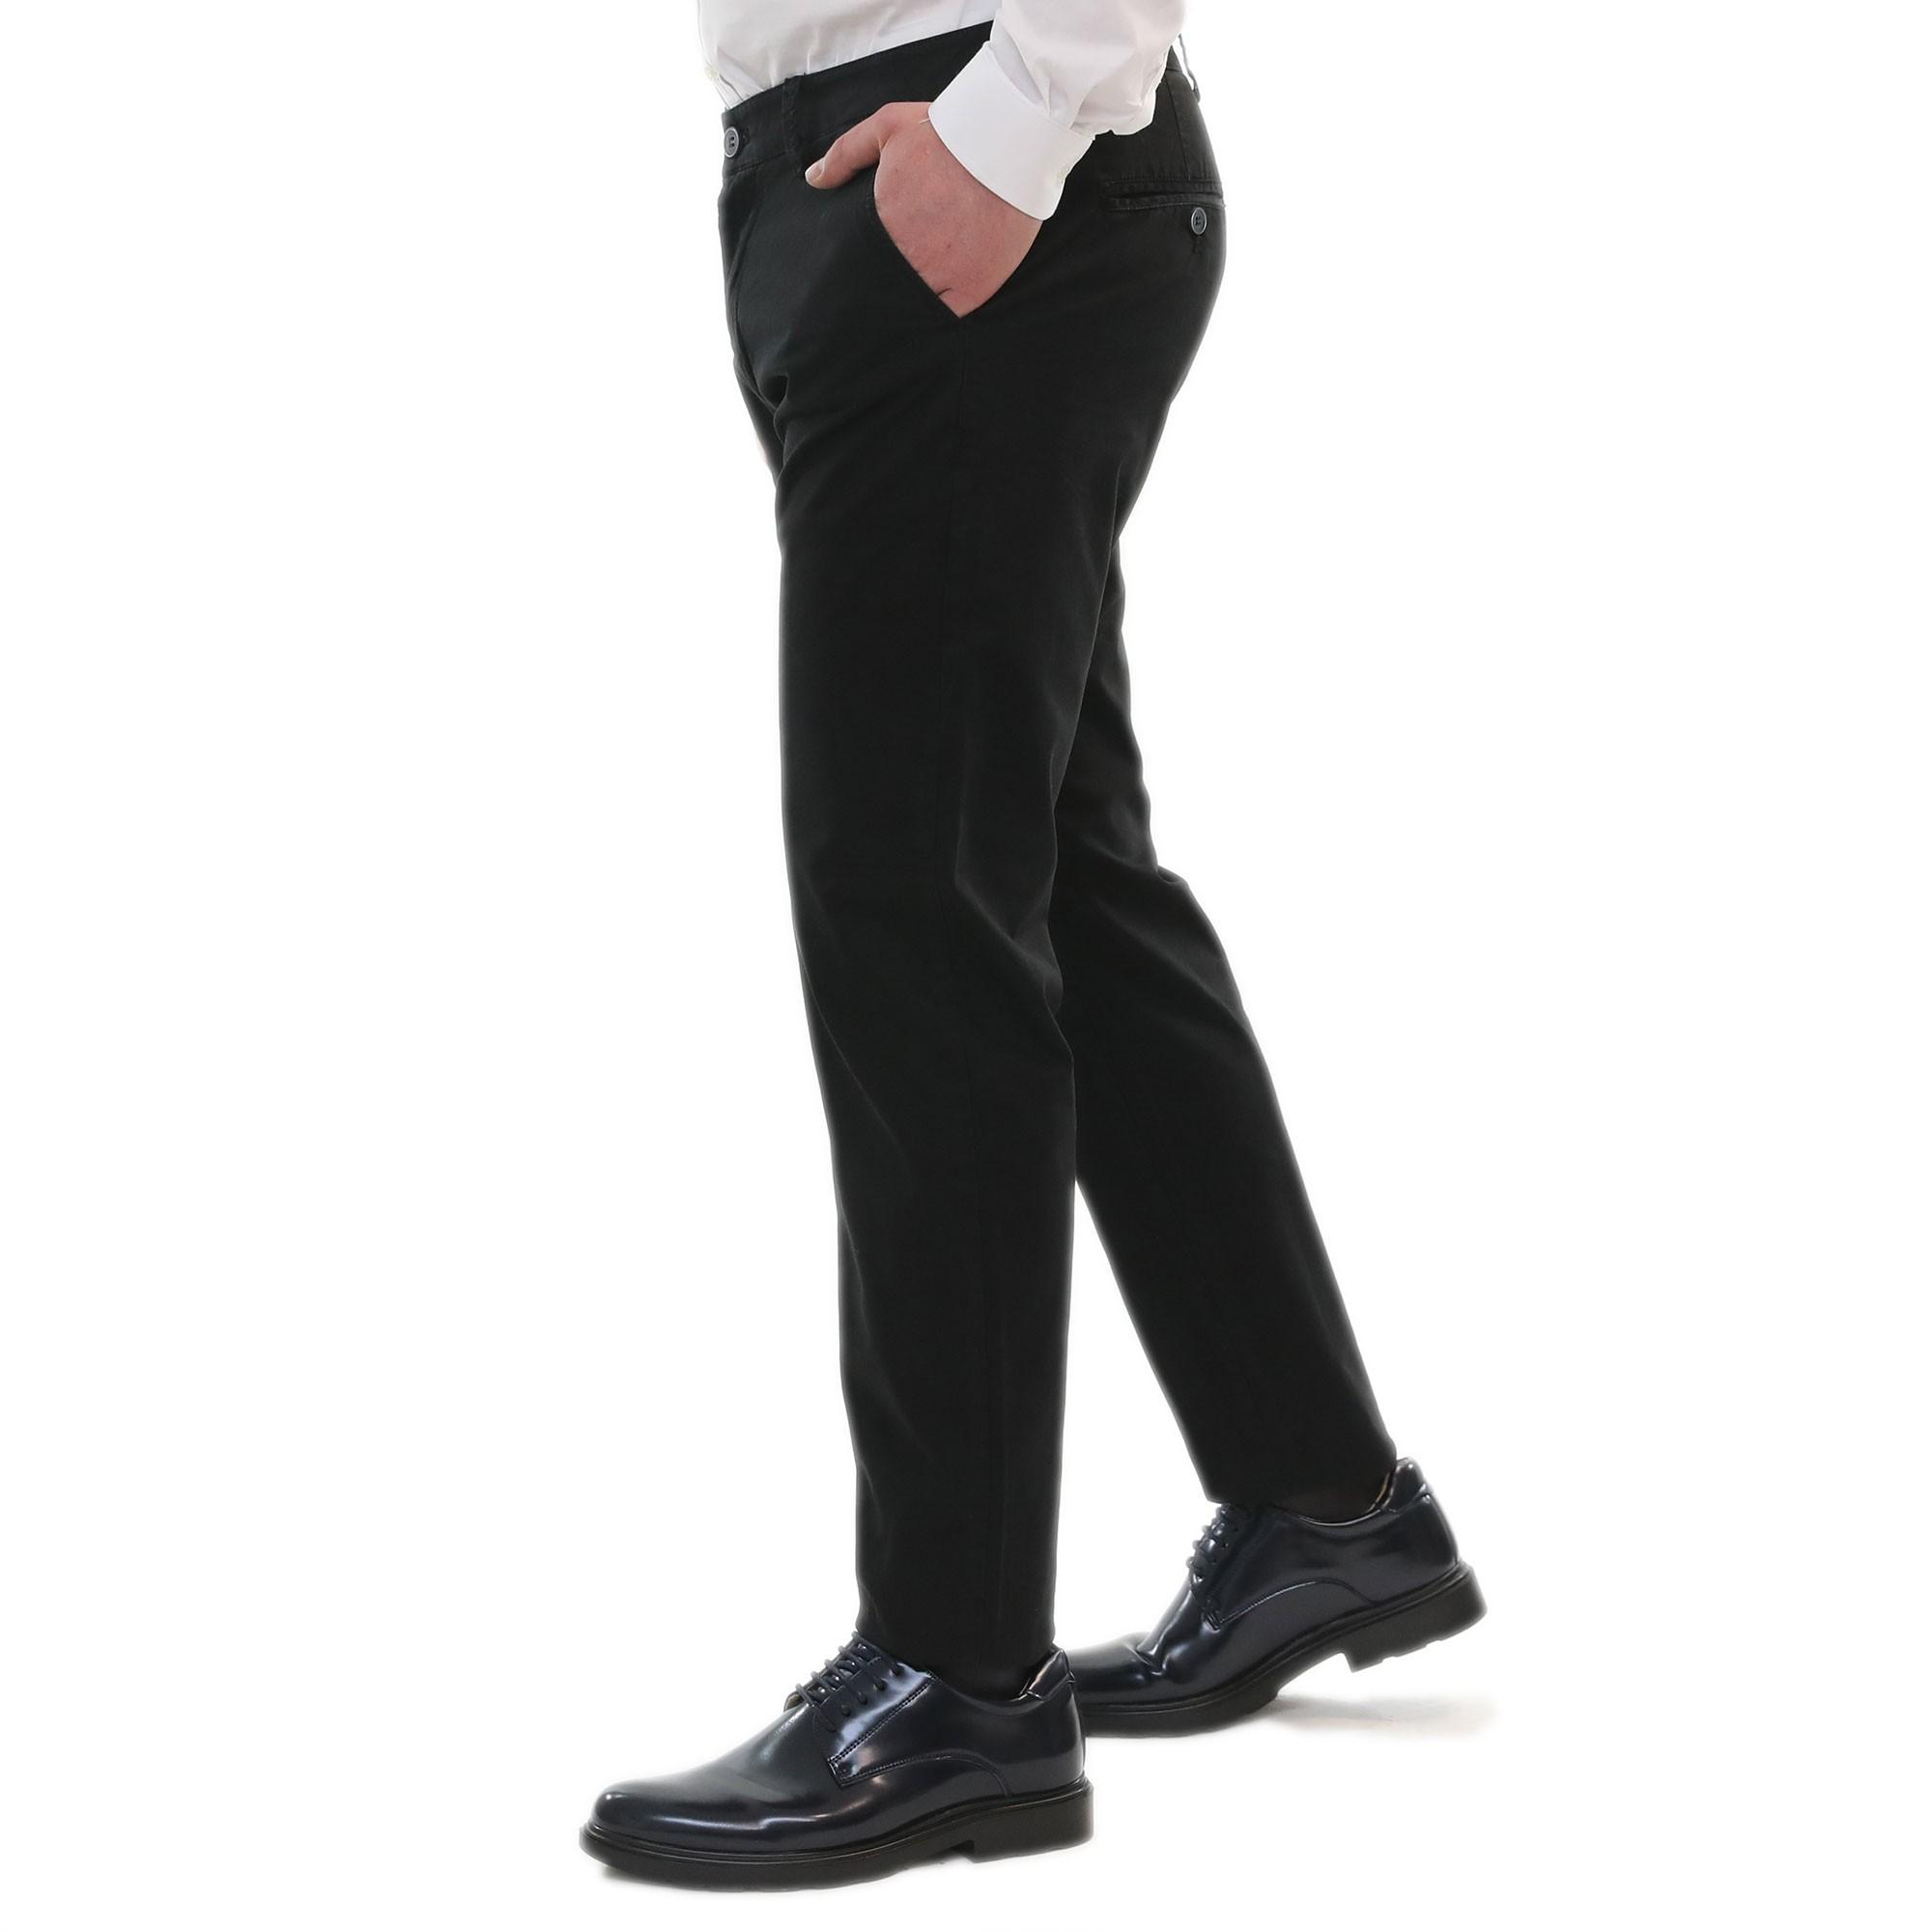 Pantalone-Uomo-Estivo-Cotone-Leggero-Chino-Slim-Fit-Elegante-Tasche-America miniatura 11